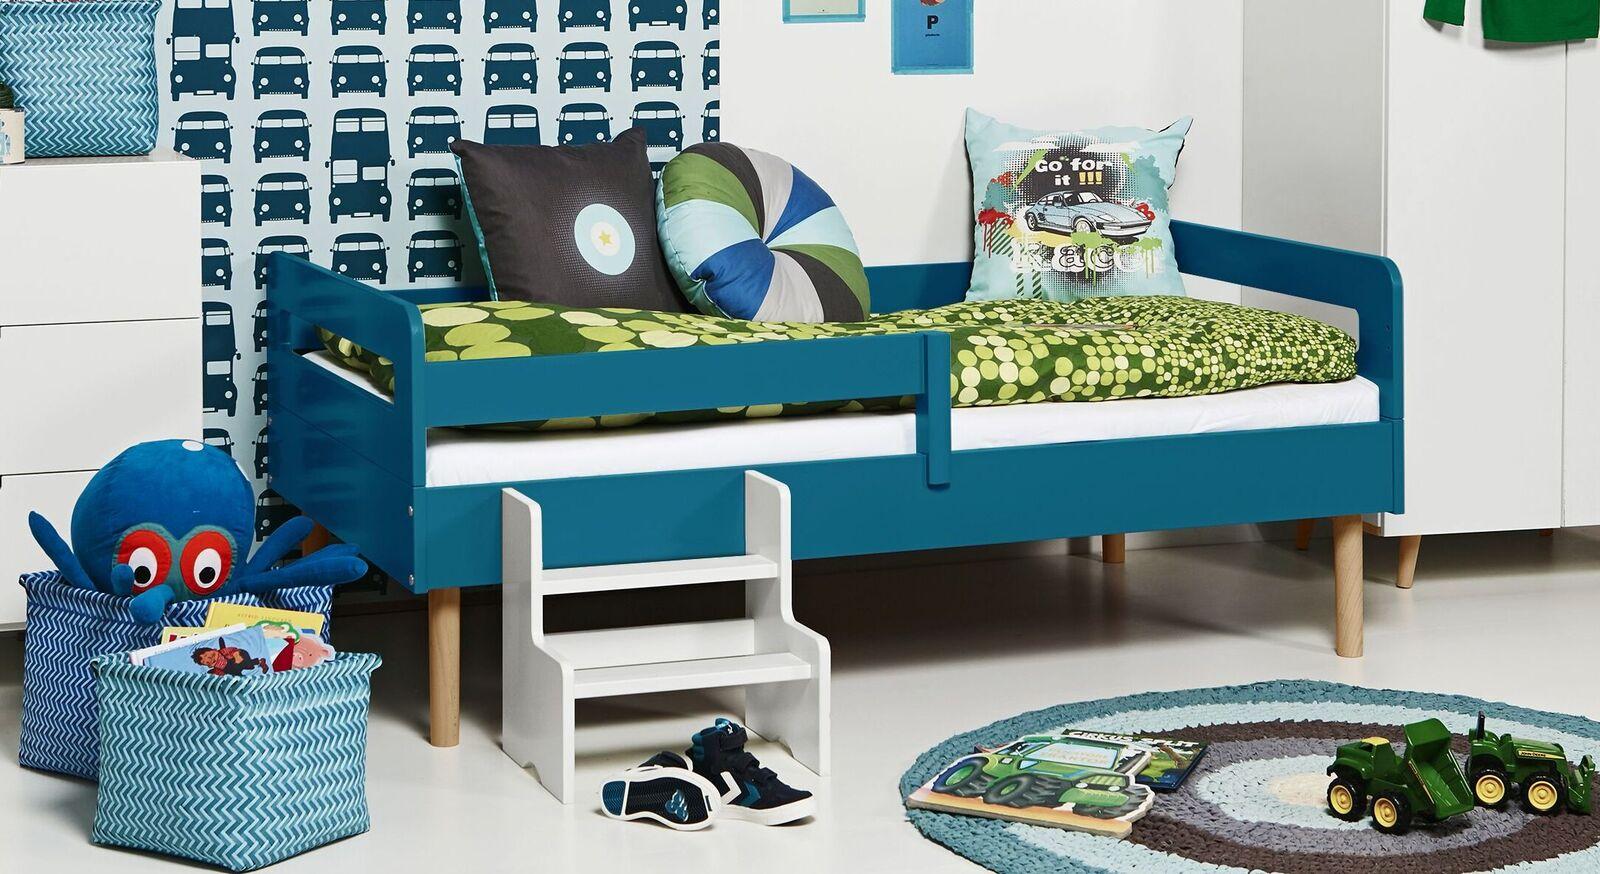 Modernes Kinderbett Kids Town Retro aus aquafarbenem MDF